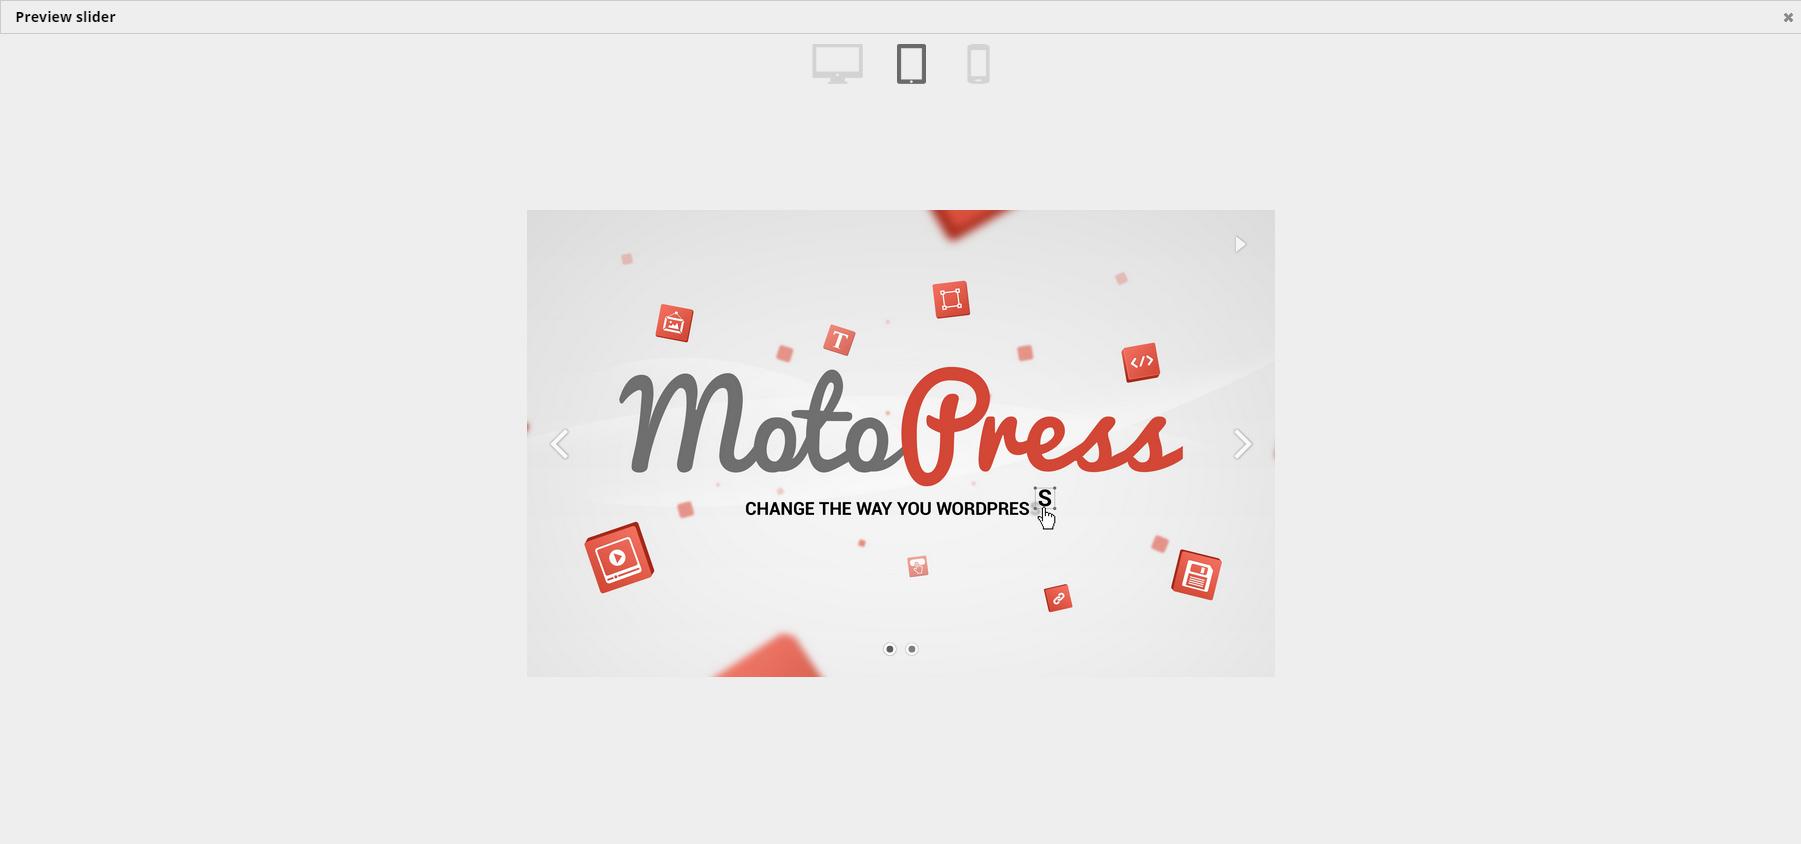 motopress slider preview